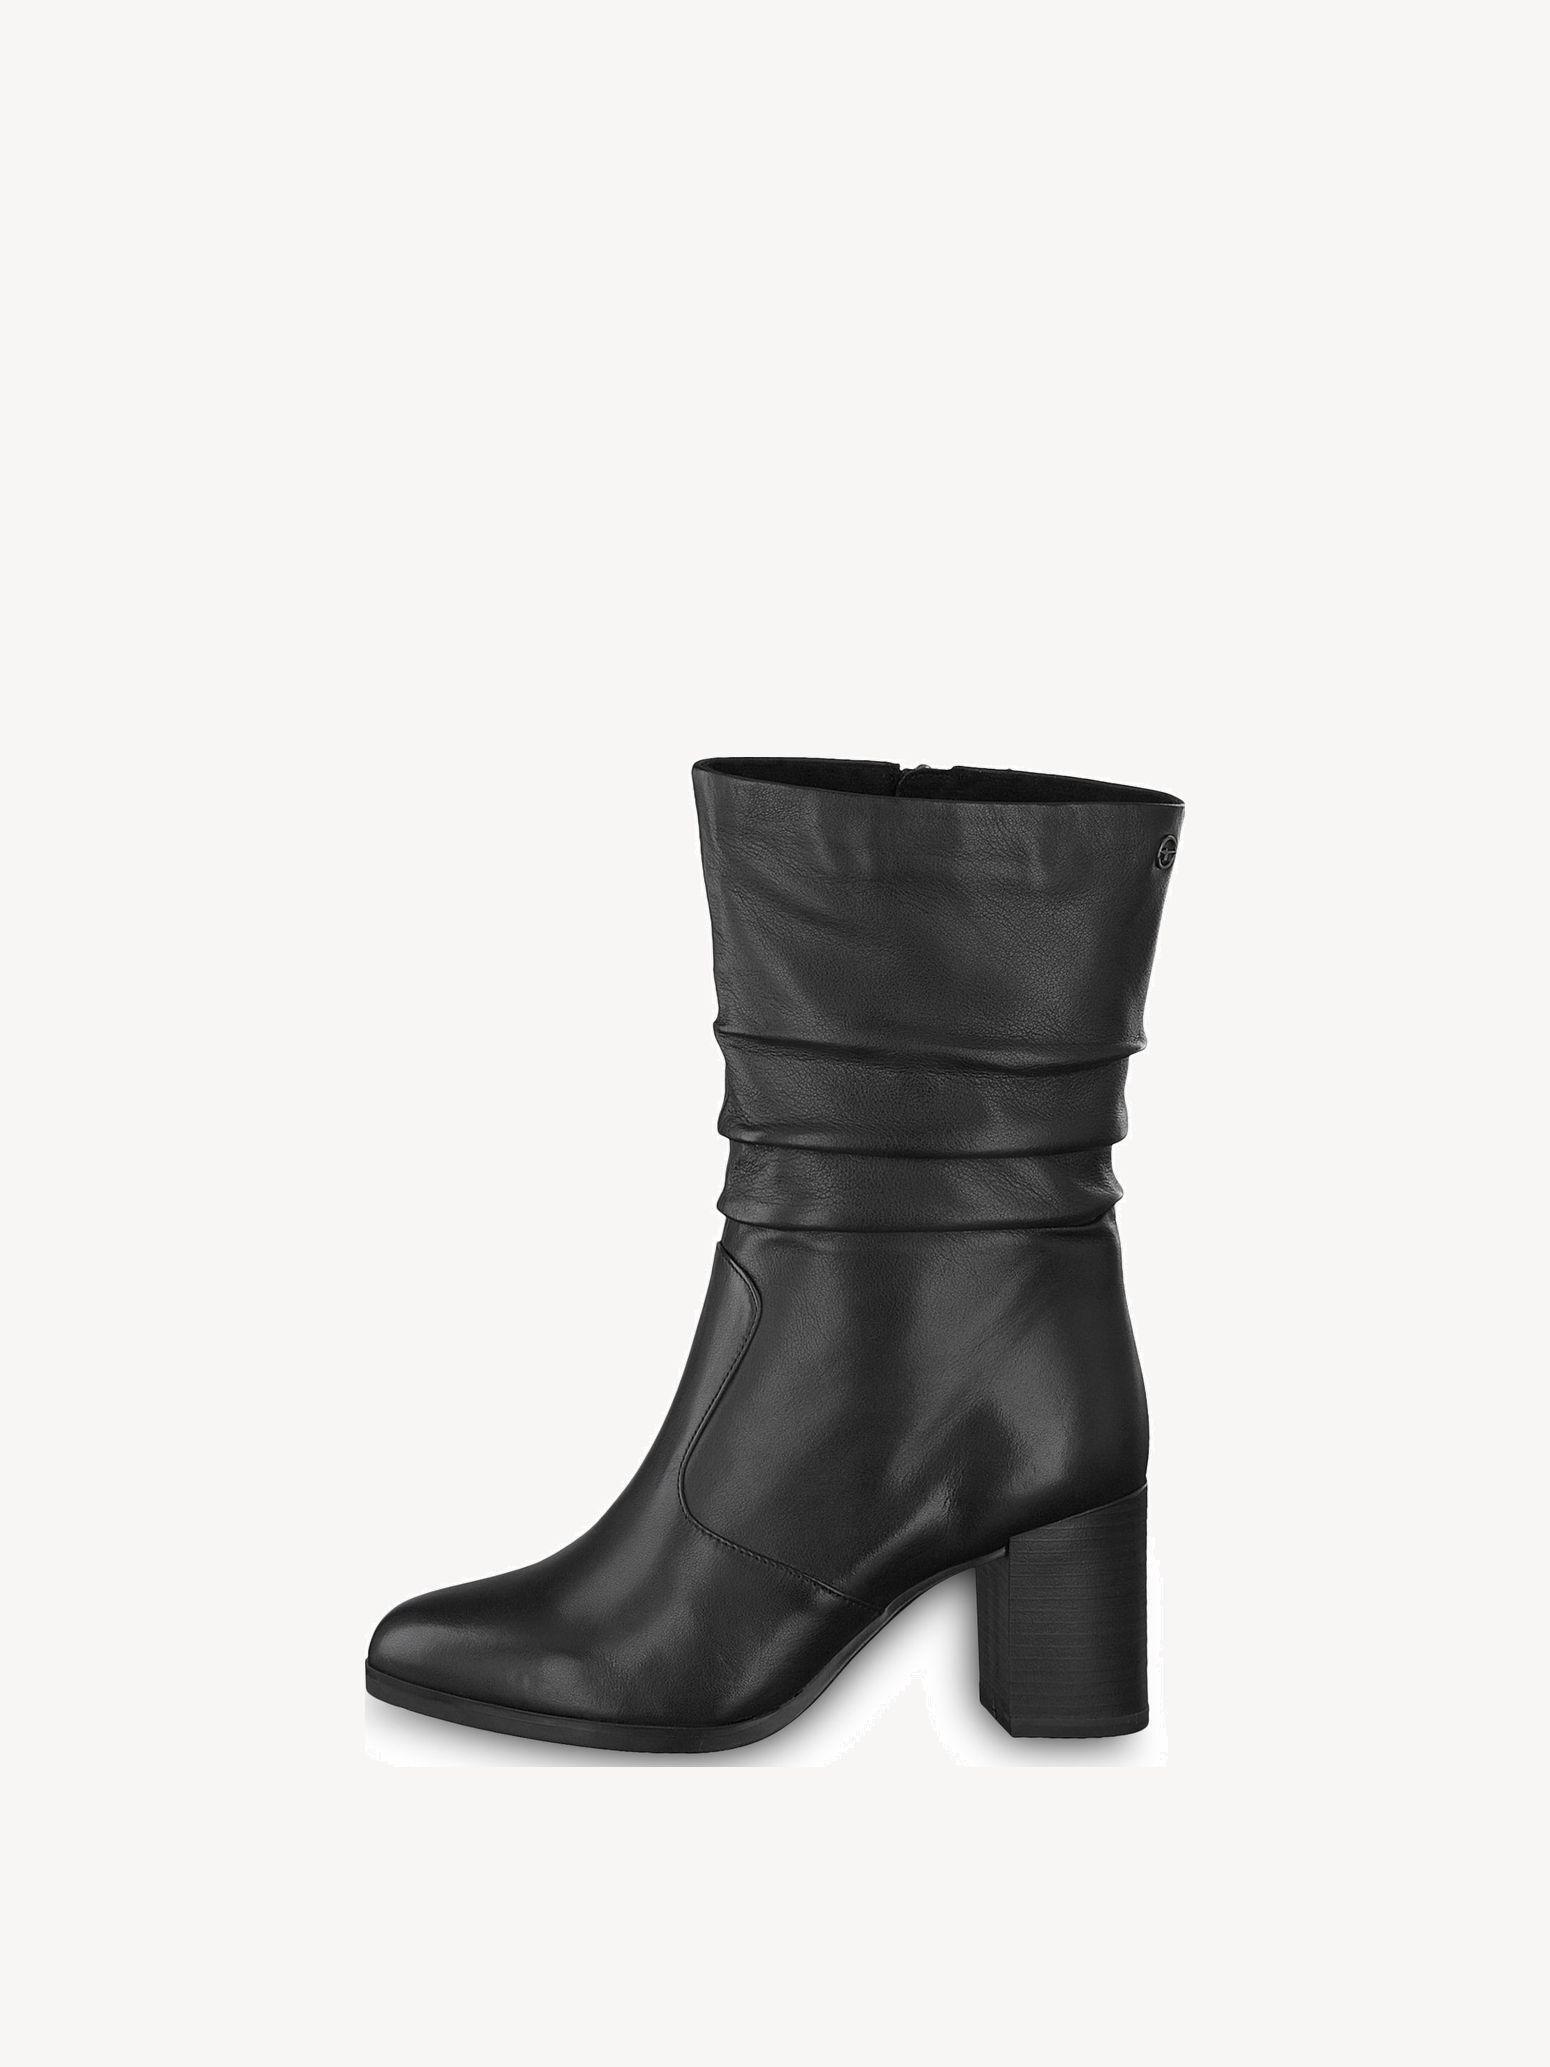 Tamaris Stiefeletten schwarz Textil classic Style Damen